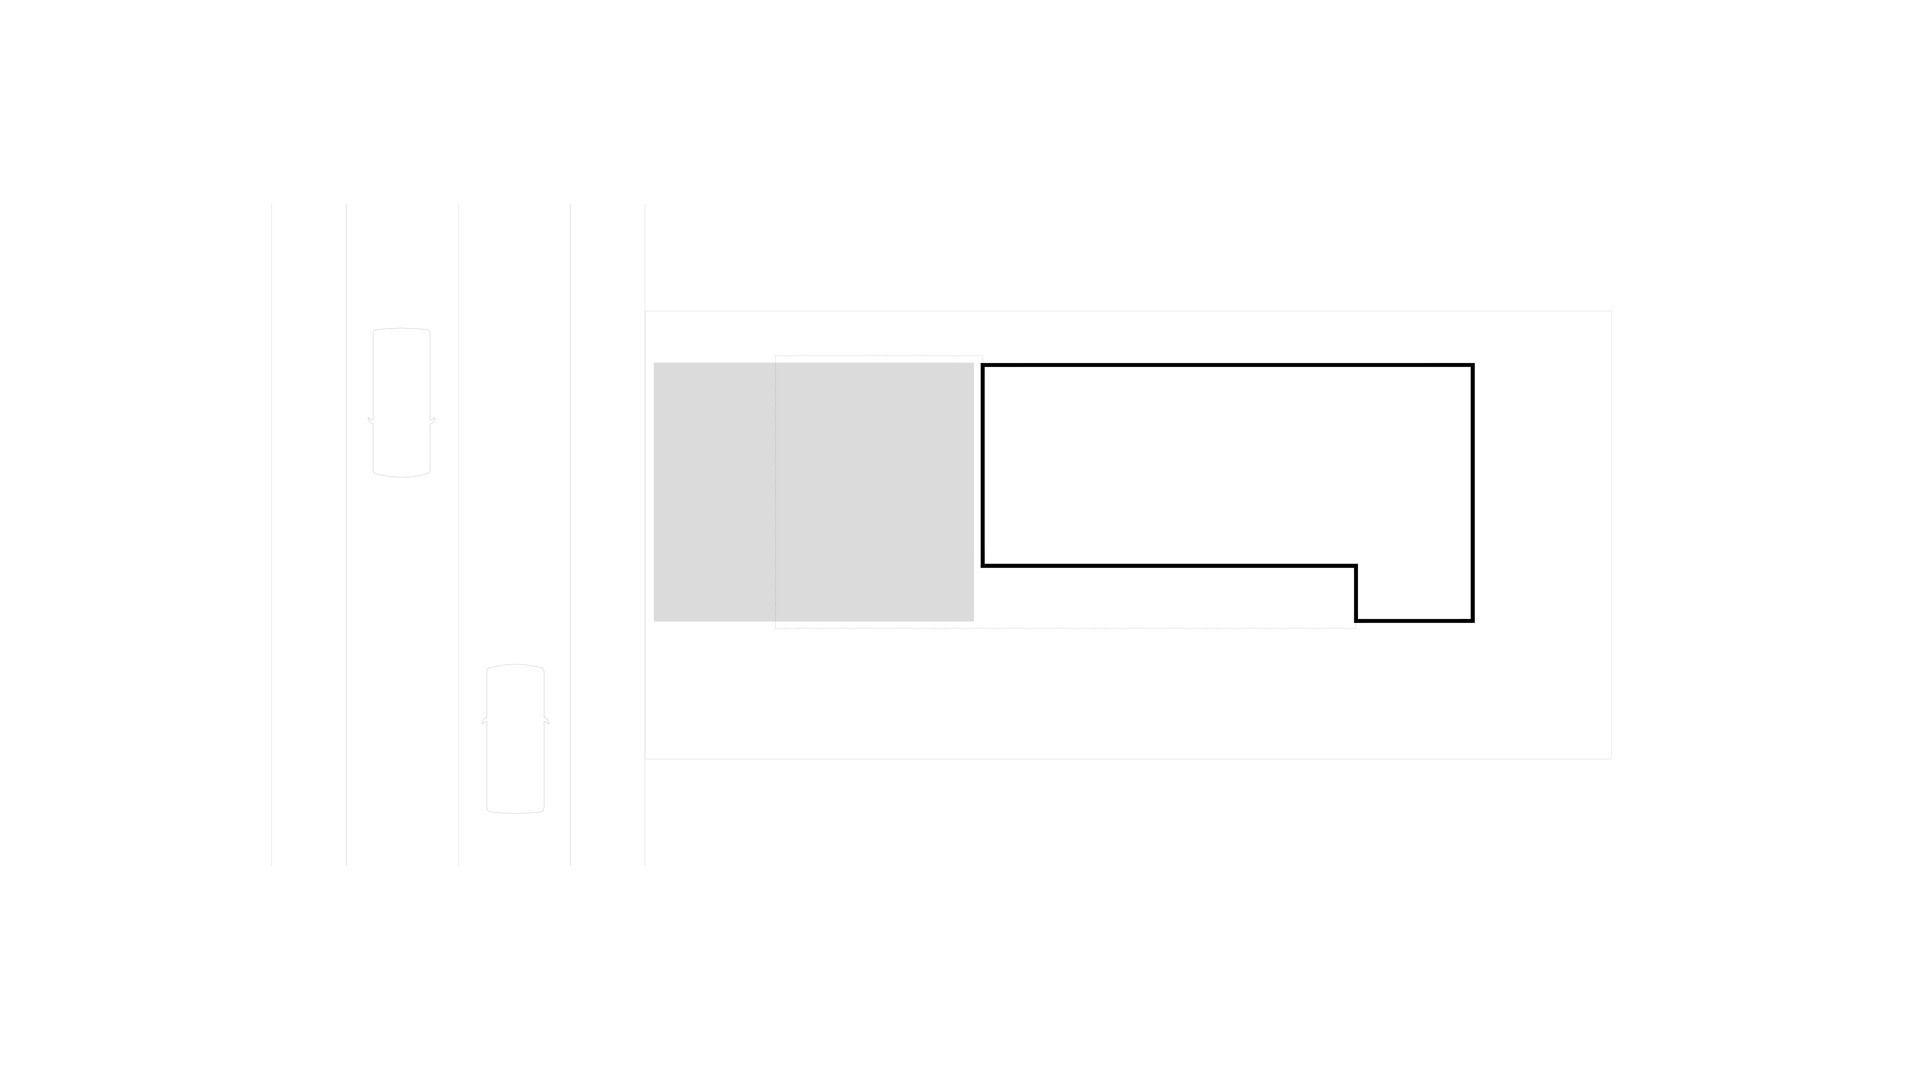 aruana-diagrama-espaco-publico